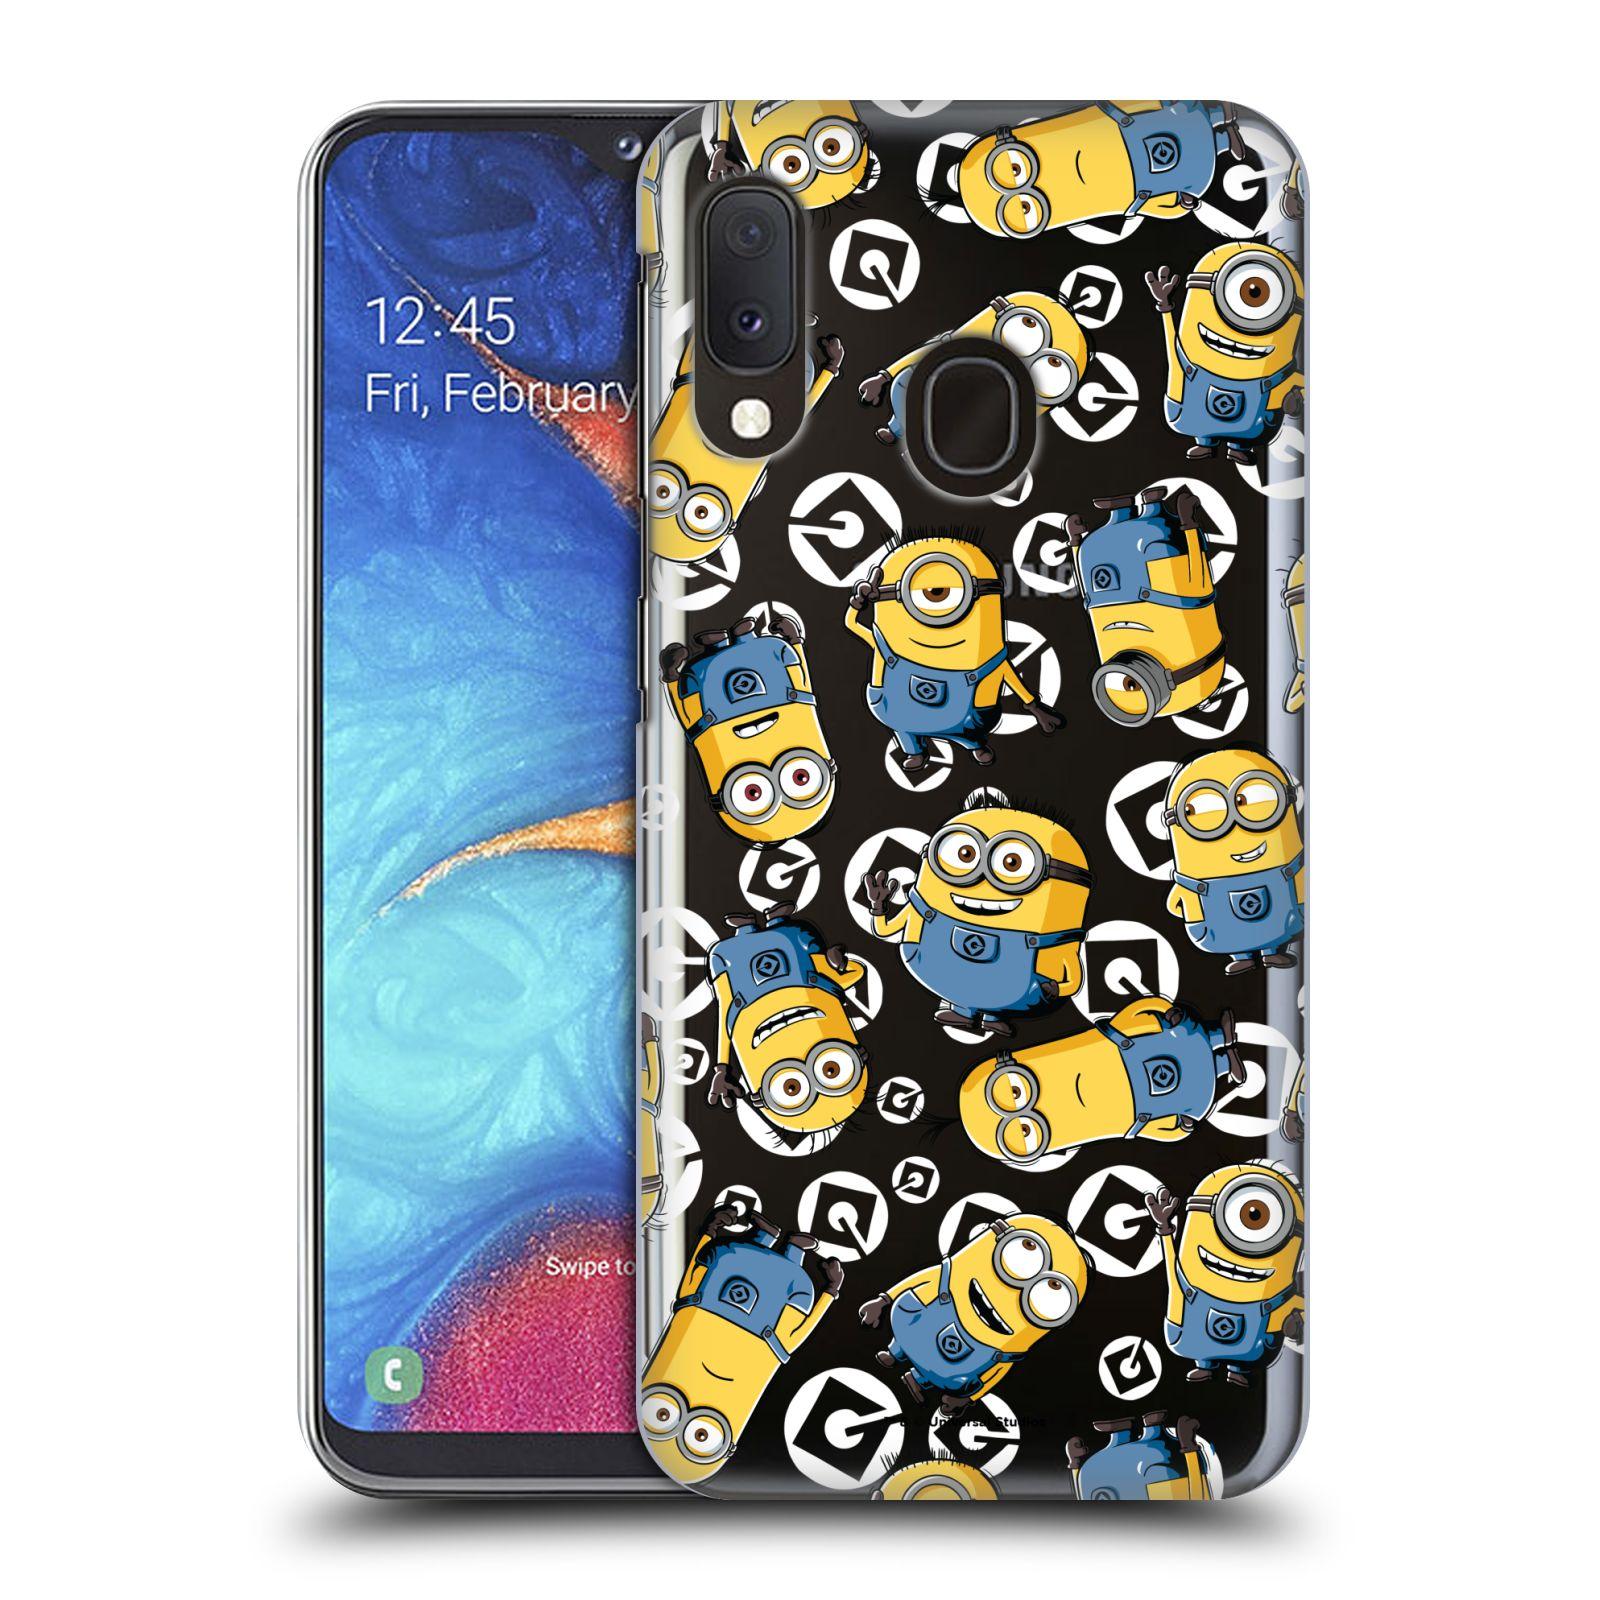 Plastové pouzdro na mobil Samsung Galaxy A20e - Head Case - Minion pattern z filmu Já, padouch - Despicable Me